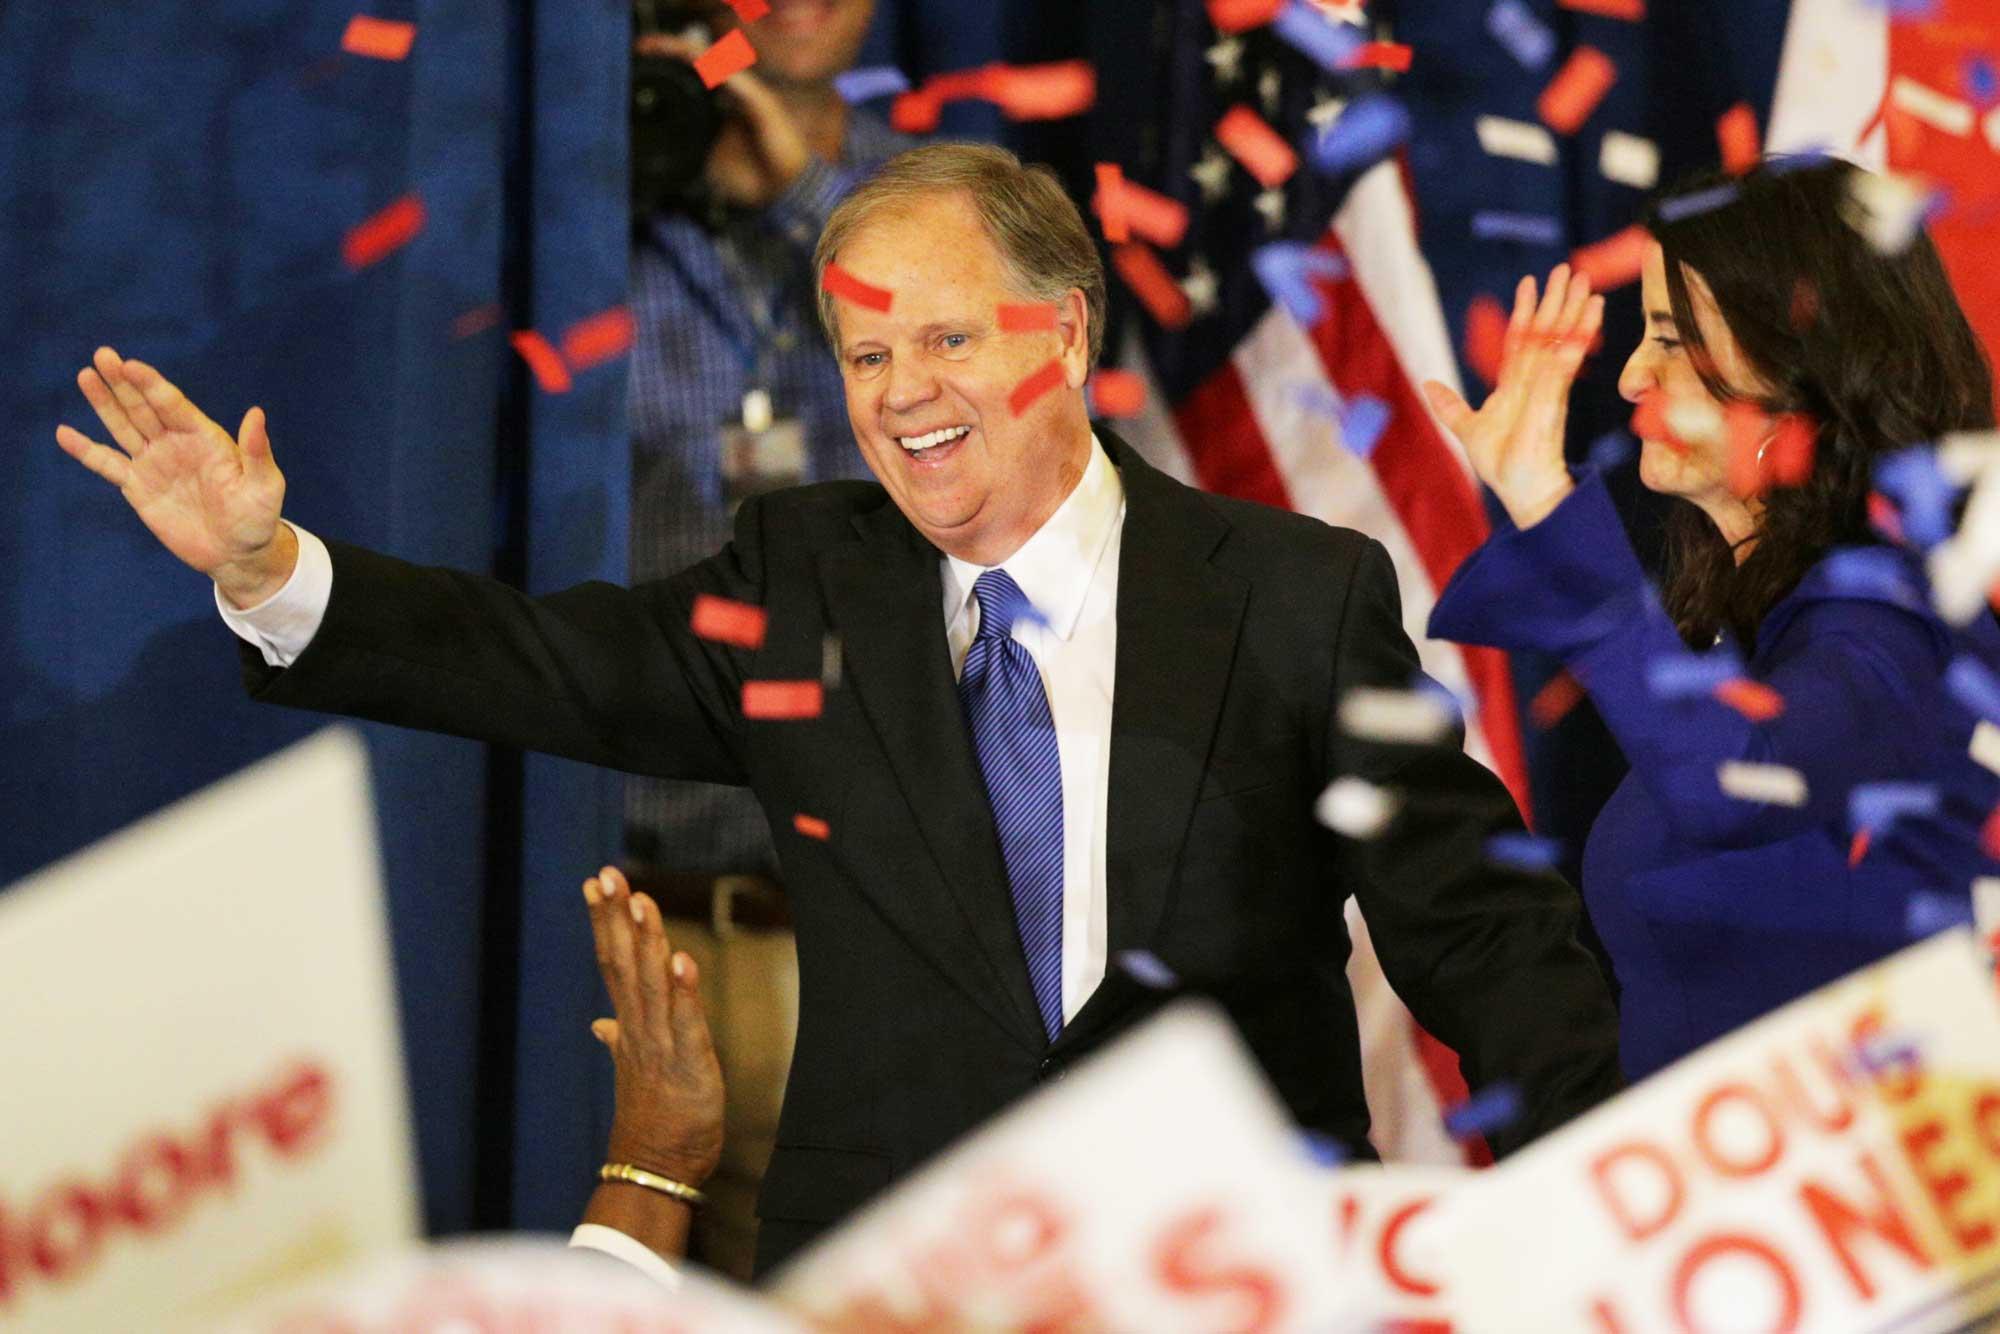 Top Senate races in 2020 election include Alabama, Arizona, Colorado